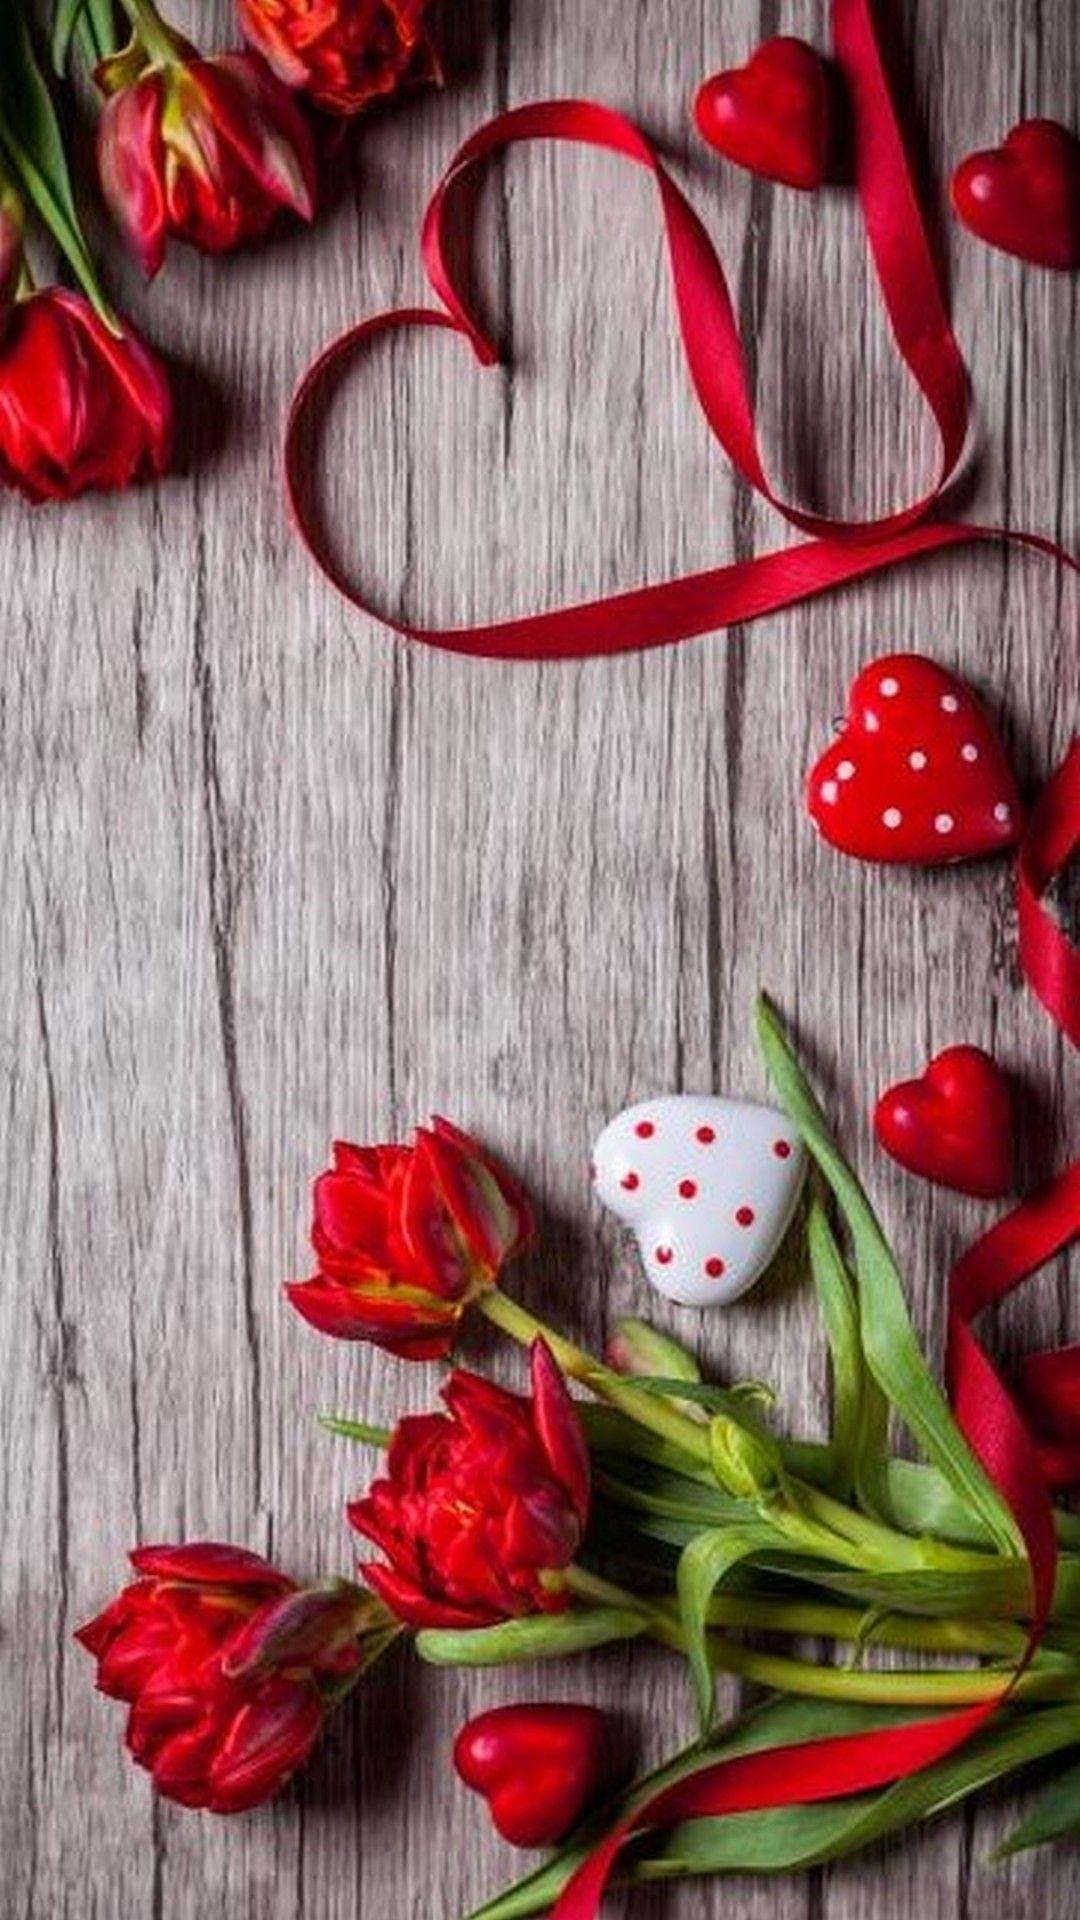 Cute Flower Iphone Wallpaper Hd Best Hd Wallpapers Flower Iphone Wallpaper Floral Wallpaper Iphone Heart Iphone Wallpaper